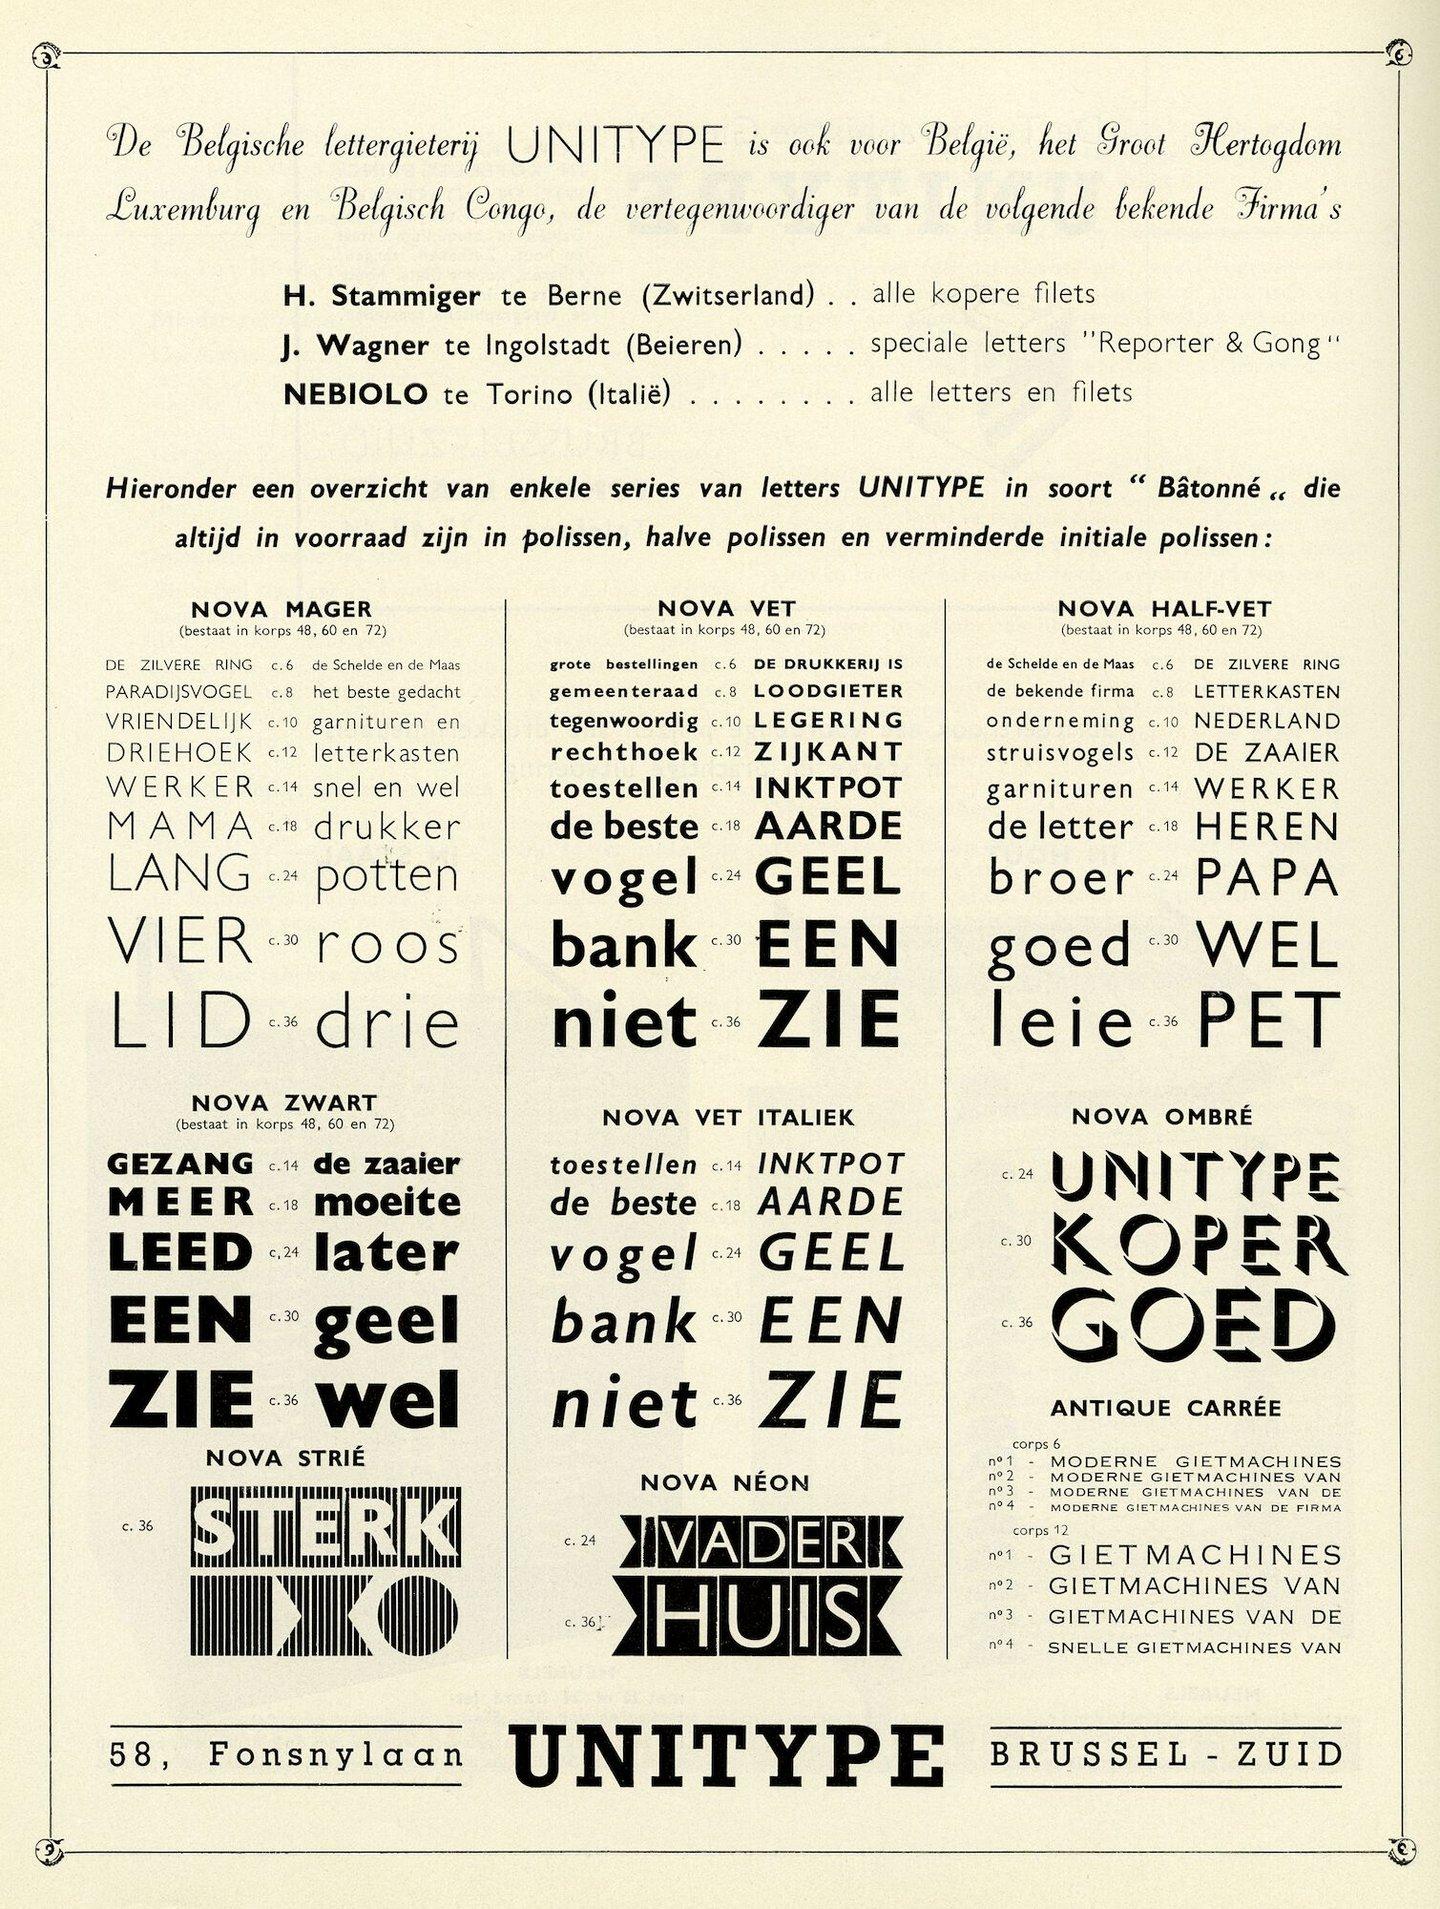 Reclame voor letterfonts geproduceerd en verdeeld door Unitype